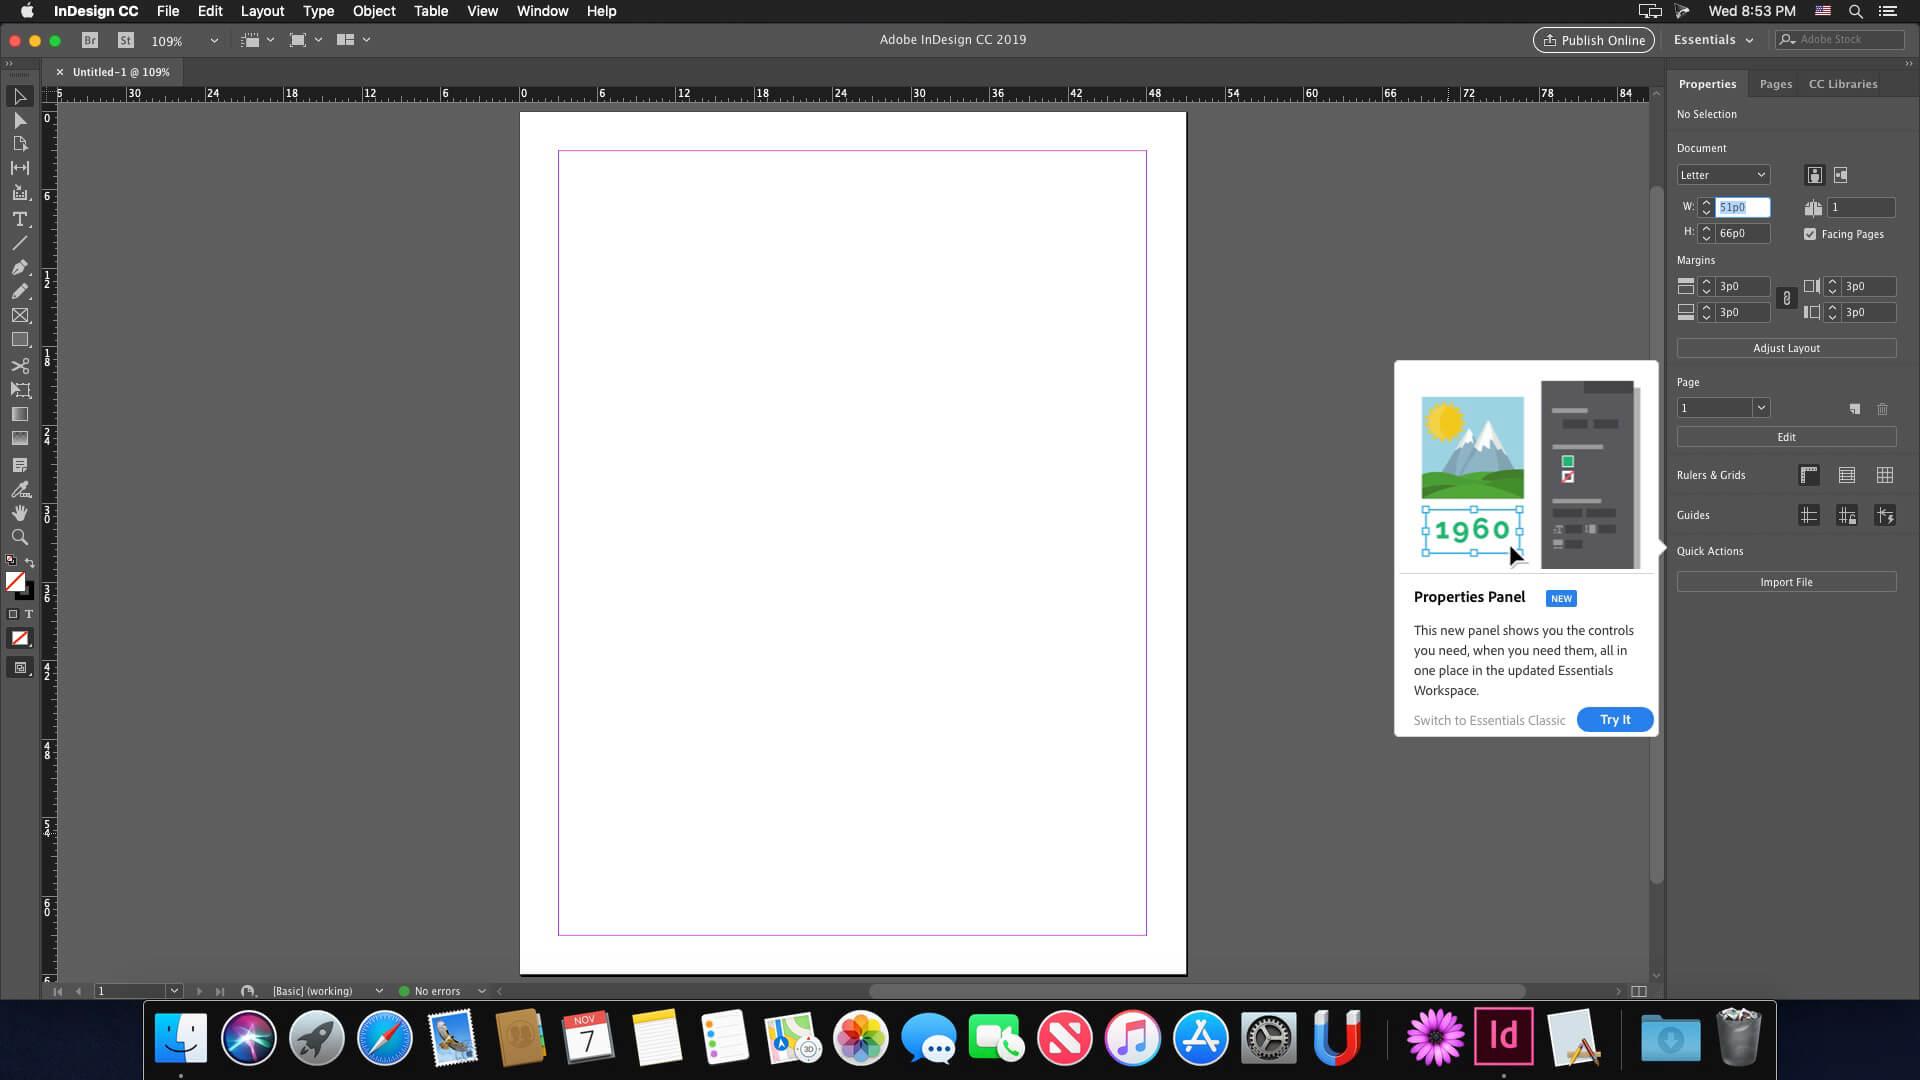 Adobe Indesign CC 2019 v14 0 3 download | macOS